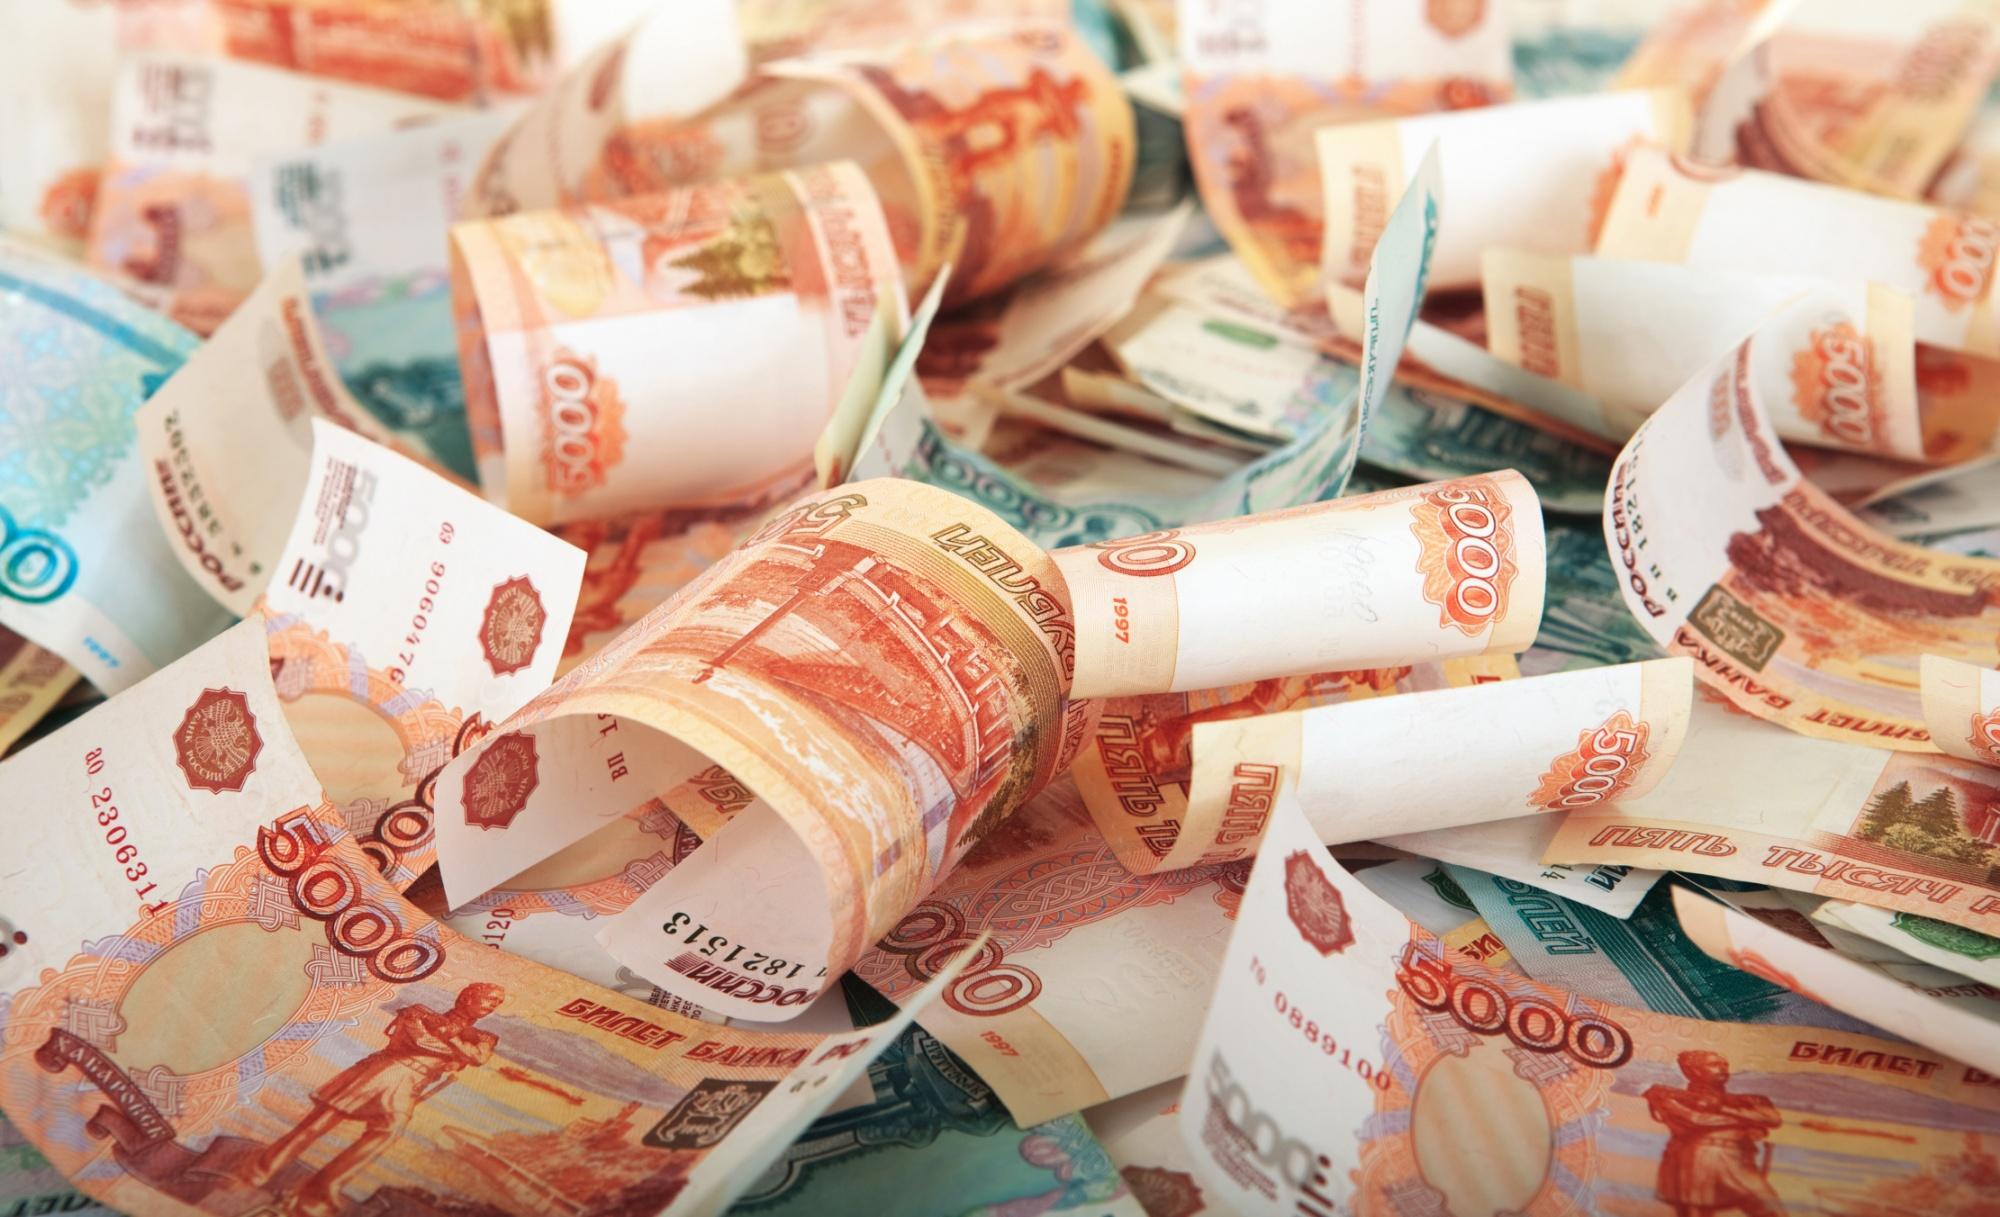 ФПА ответила на вопросы о ценообразовании в юридическом секторе